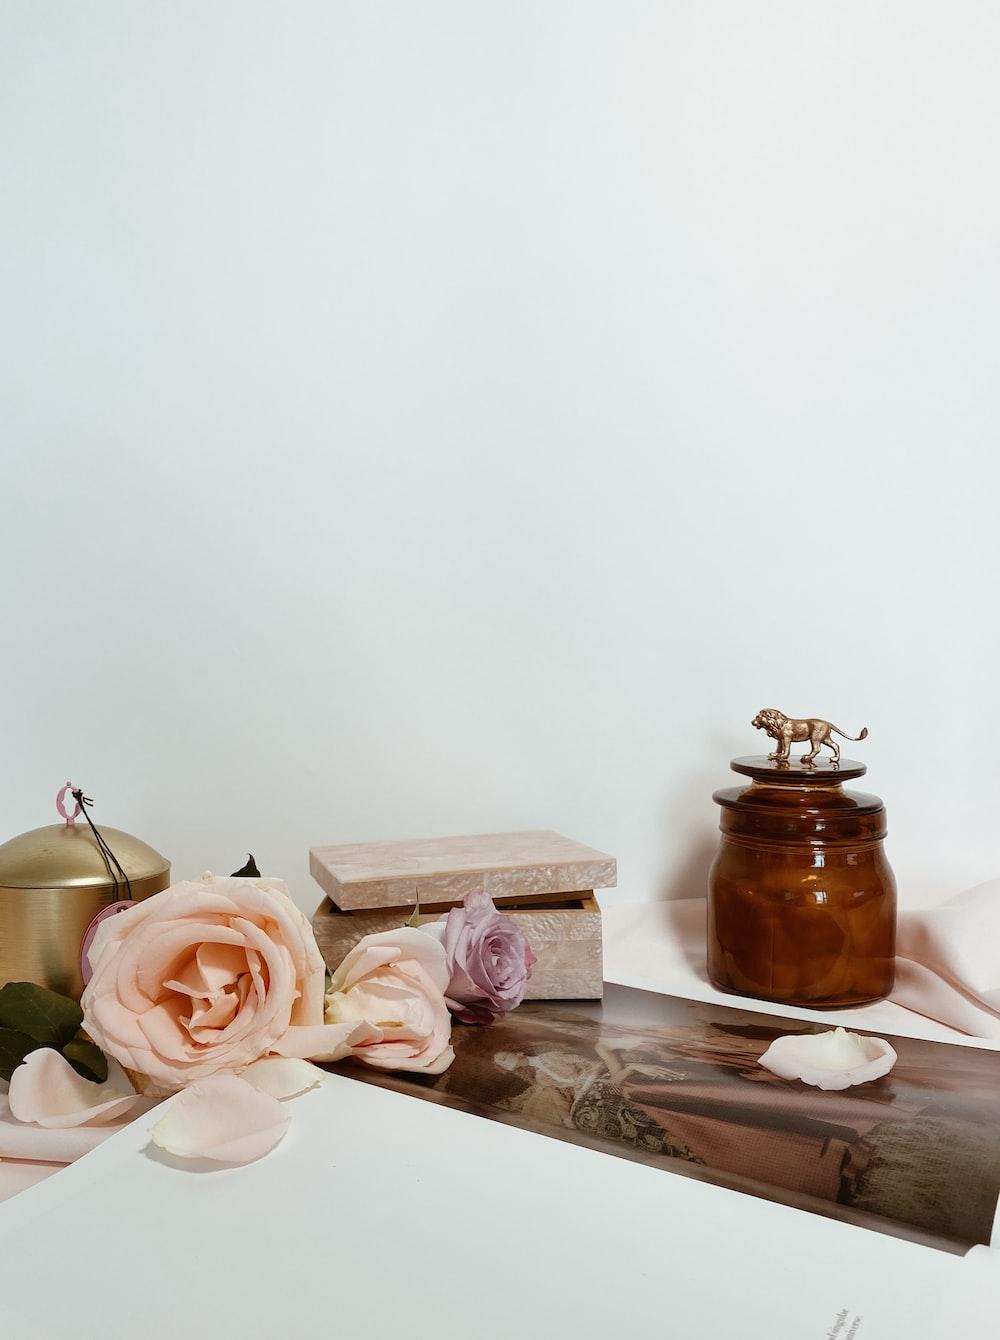 pink roses beside brown jar